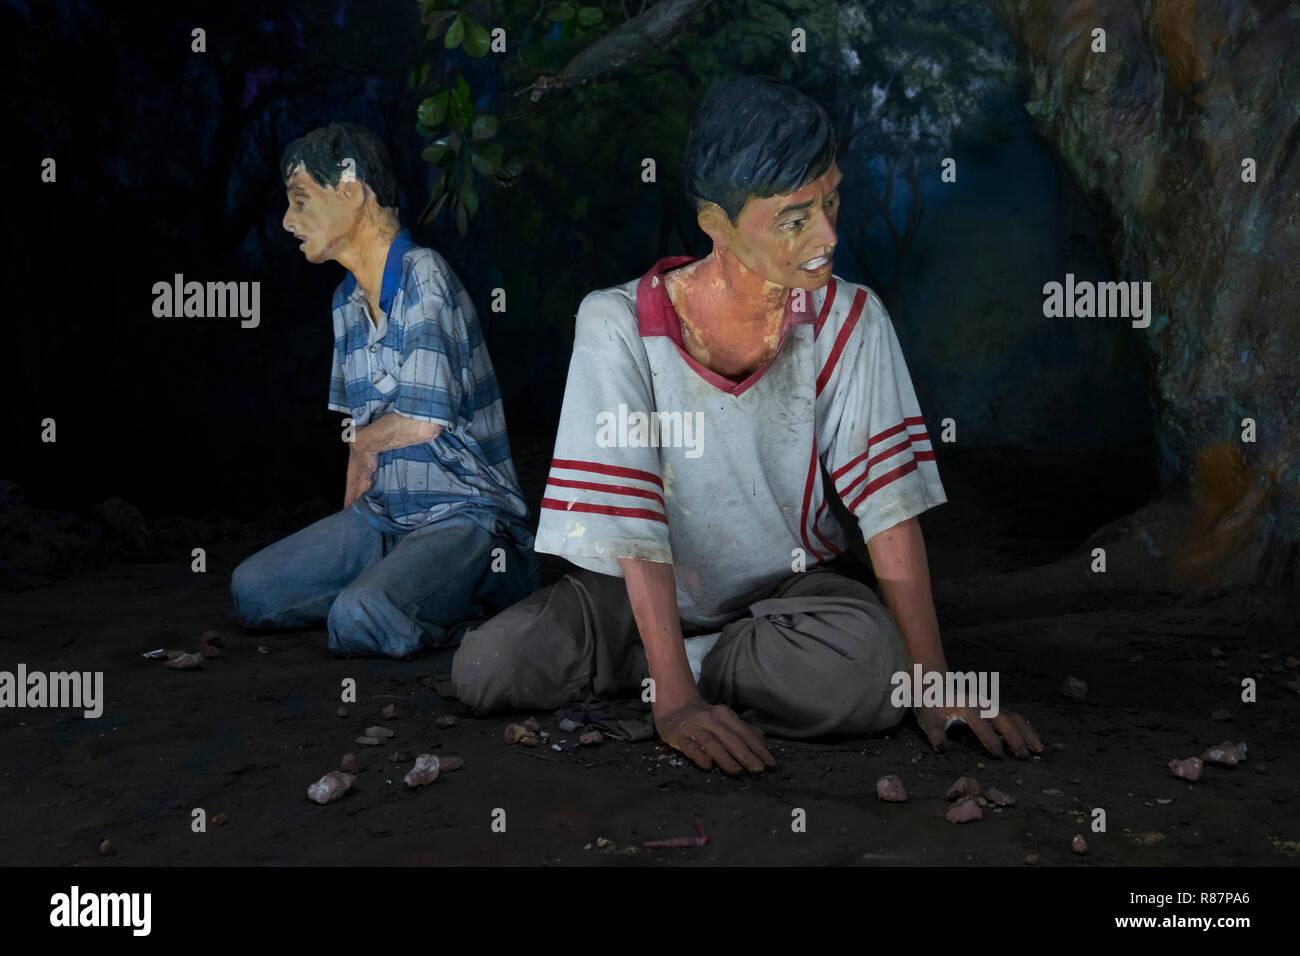 Diorama mostrando lo que la toxicomanía se asemeja a la eliminación de las drogas en el Museo en Yangon, Myanmar. Foto de stock